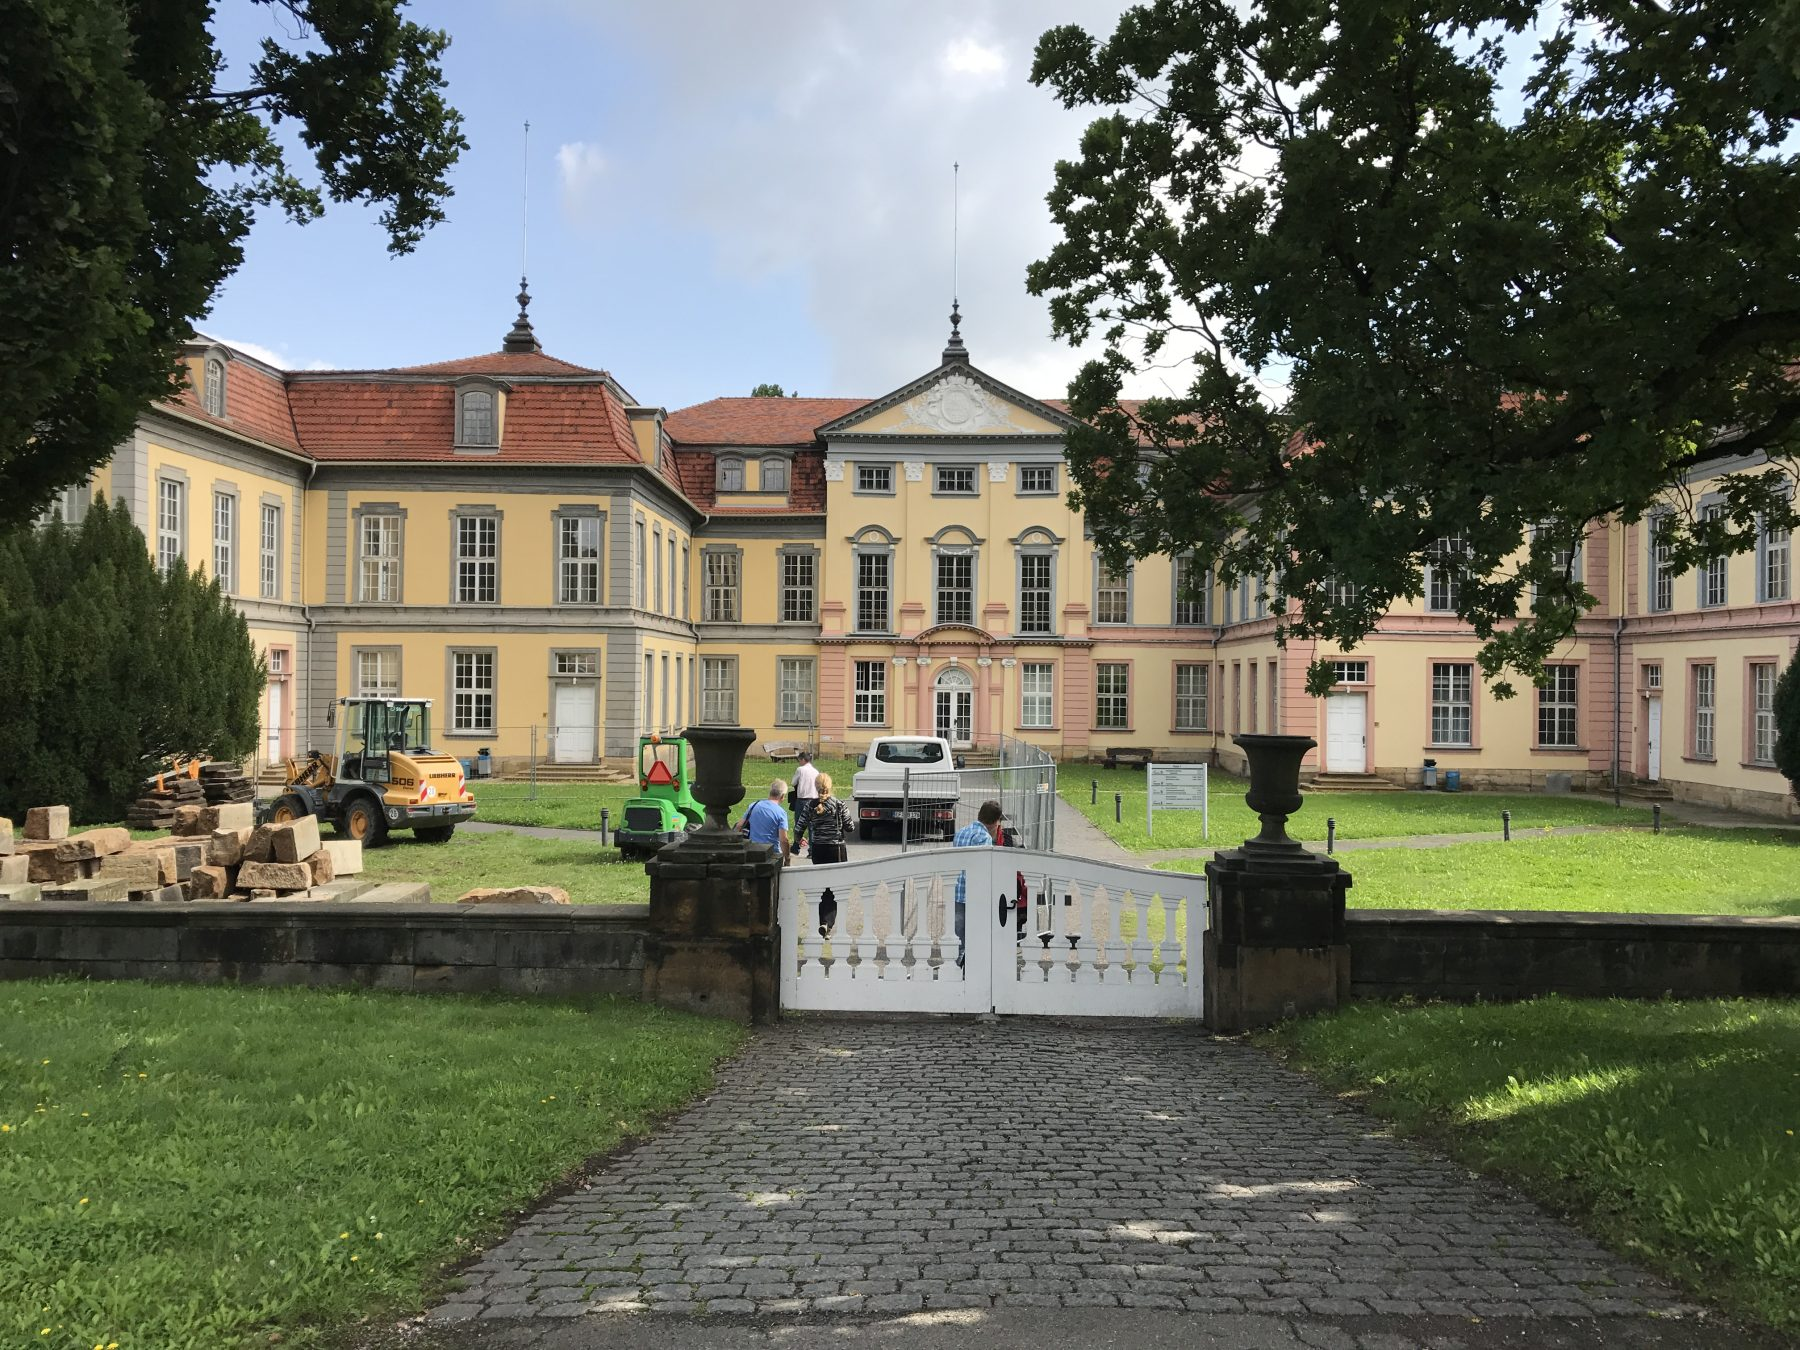 Architekt Baugutachten Denkmalpflege Neubau Konzeption Sanierung Horny Erfurt